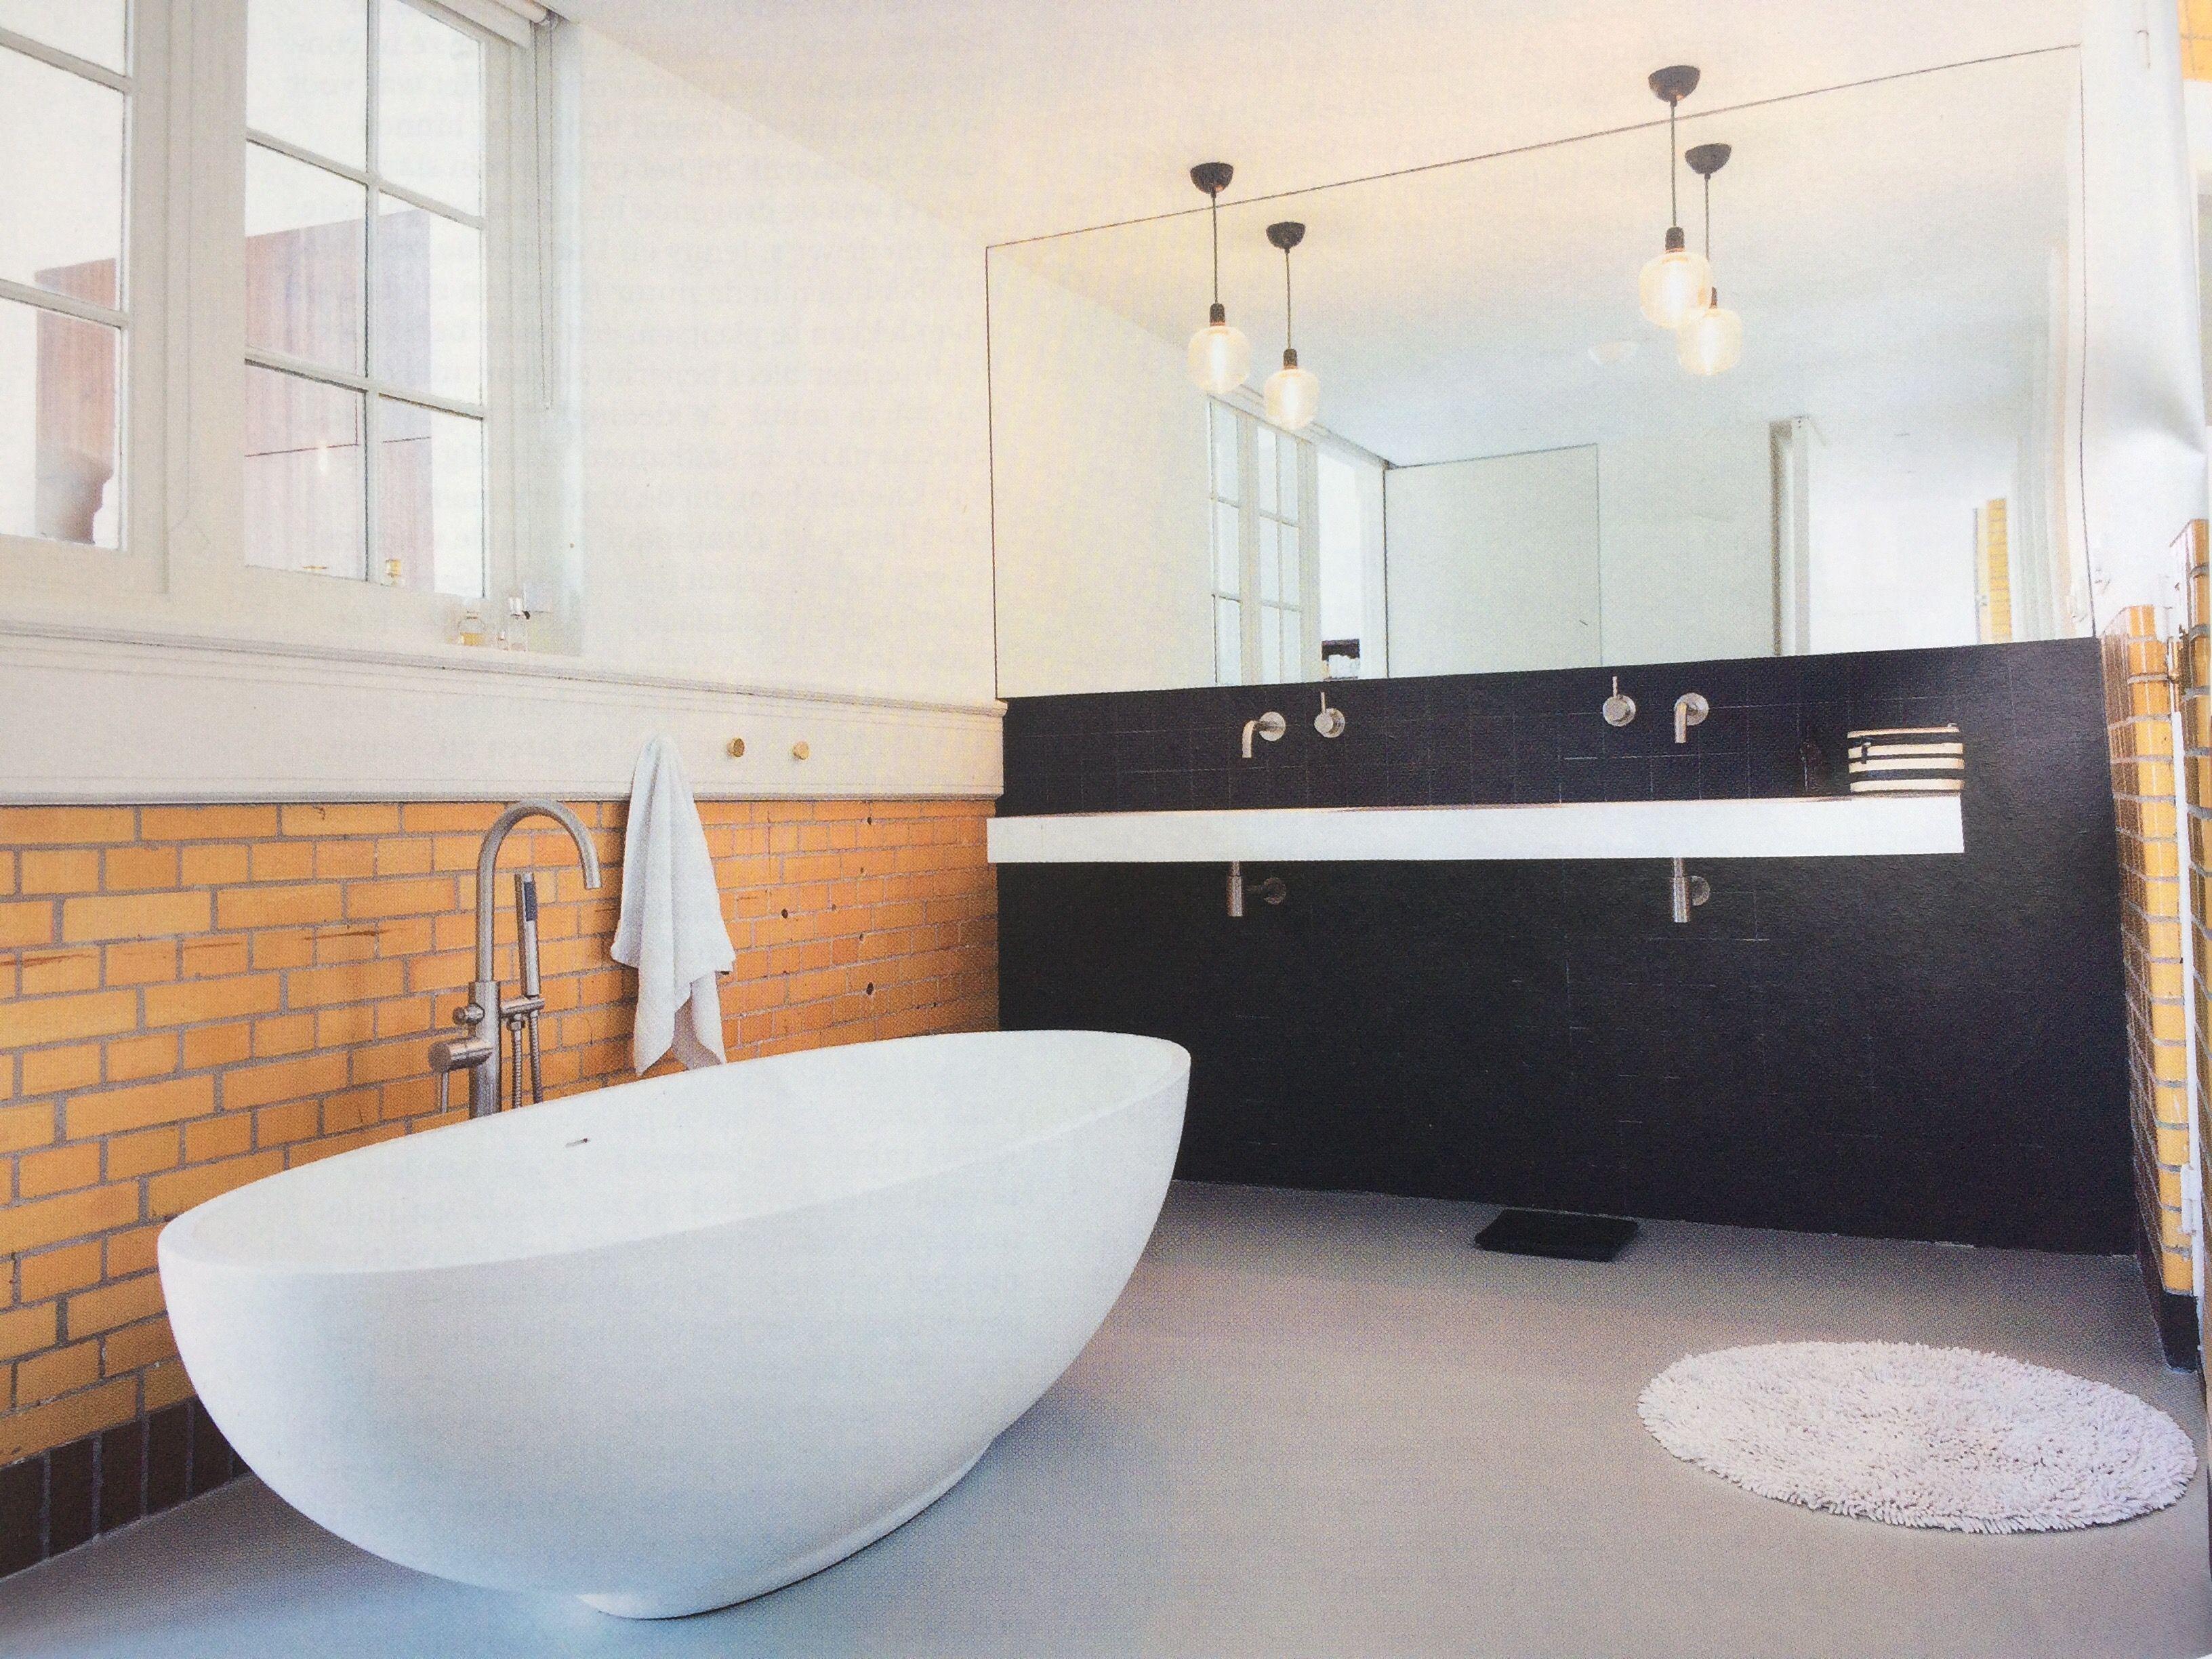 Gele Vloertegels Badkamer : Badkamer met losstaand bad gele vintage muurtegels en zwart